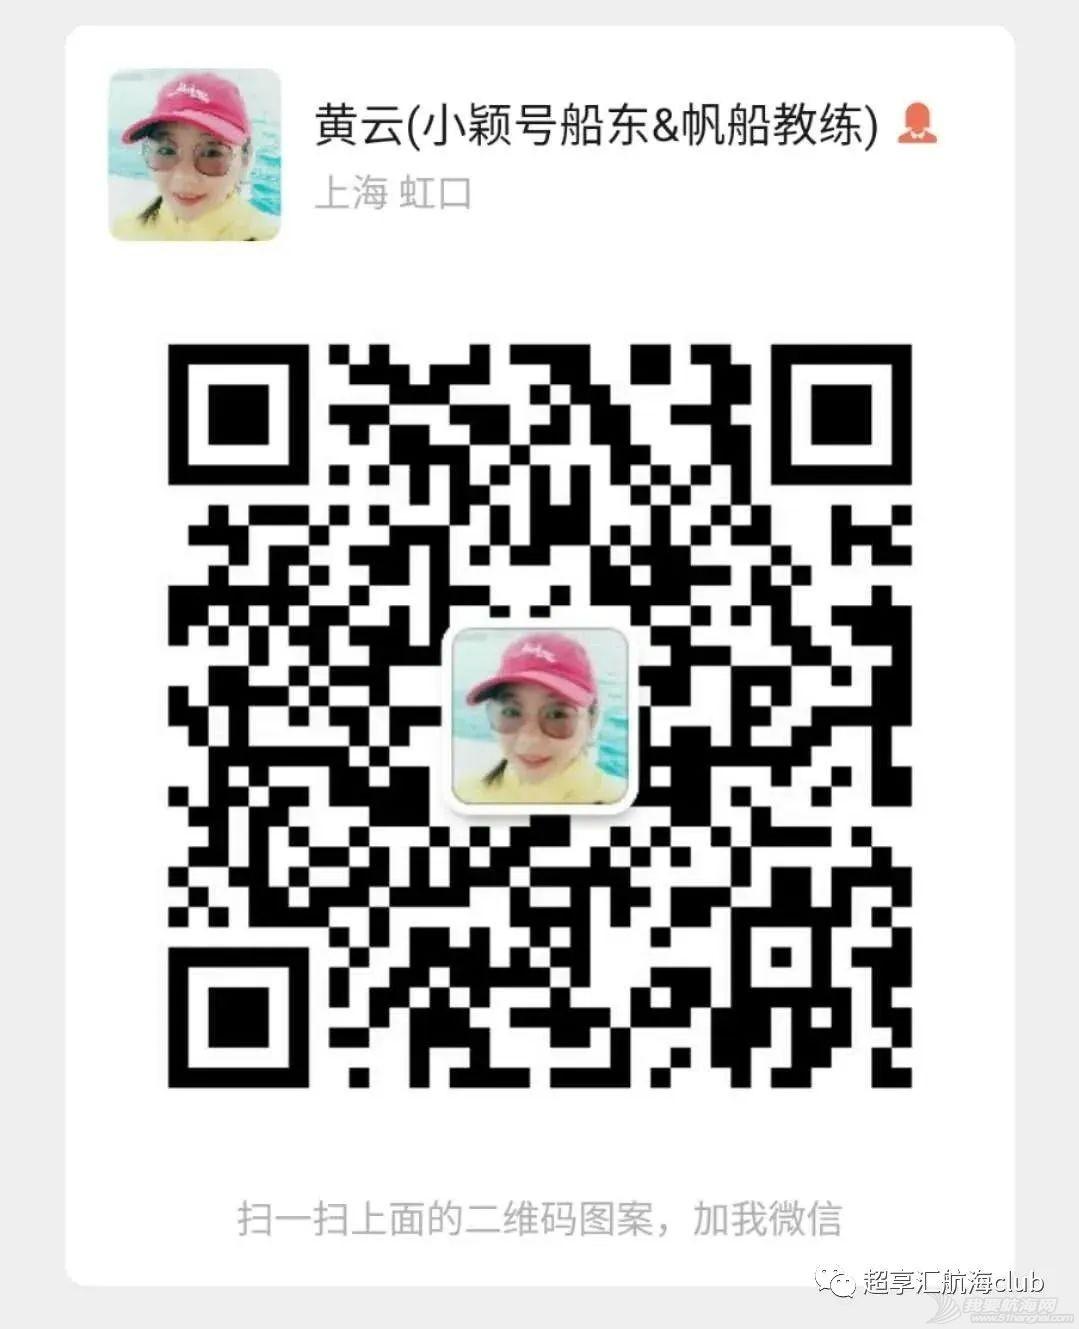 【赛事回顾】太湖帆船拉力赛荣获季军w16.jpg